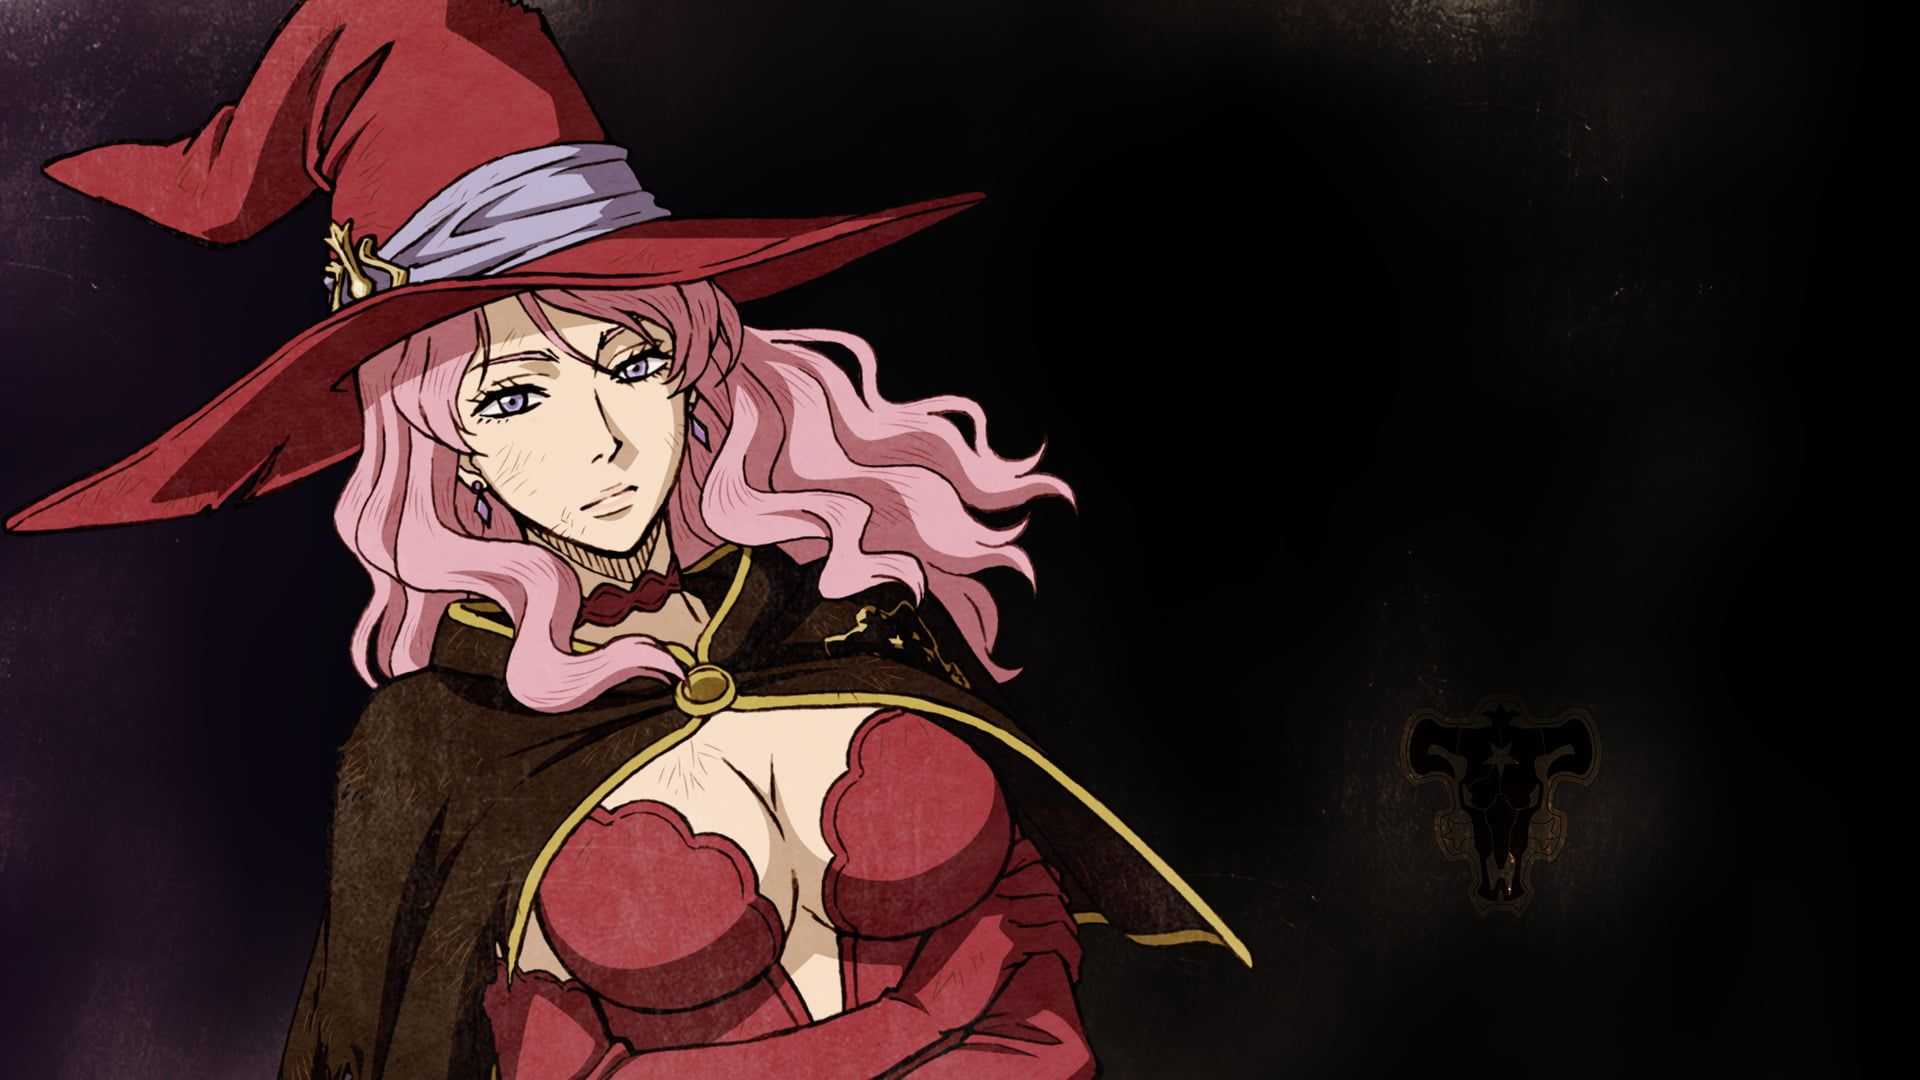 Anime Black Clover Vanessa Enoteca 1080p Wallpaper Hdwallpaper Desktop Black Clover Anime Anime Black Bull